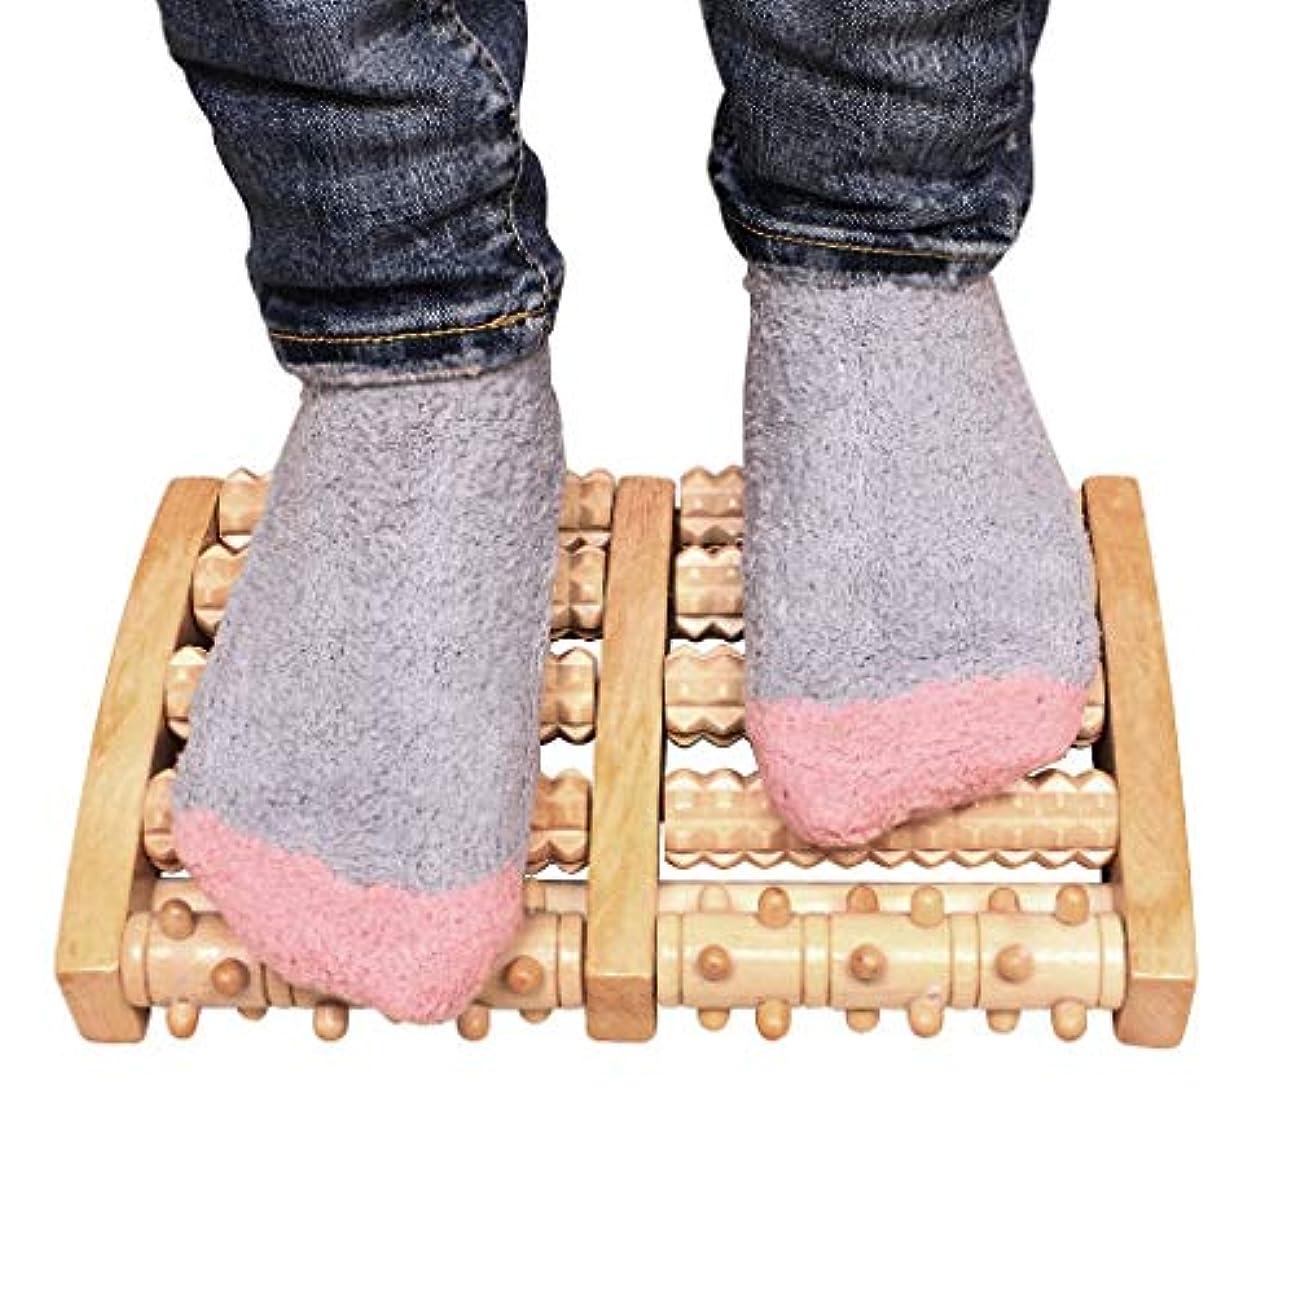 策定する欠陥困惑木の二重足のマッサージャー、足底筋膜炎のためのローラーの痛みの軽減治癒拍車ディープティッシュ指圧フット&ヒールマッサージャー